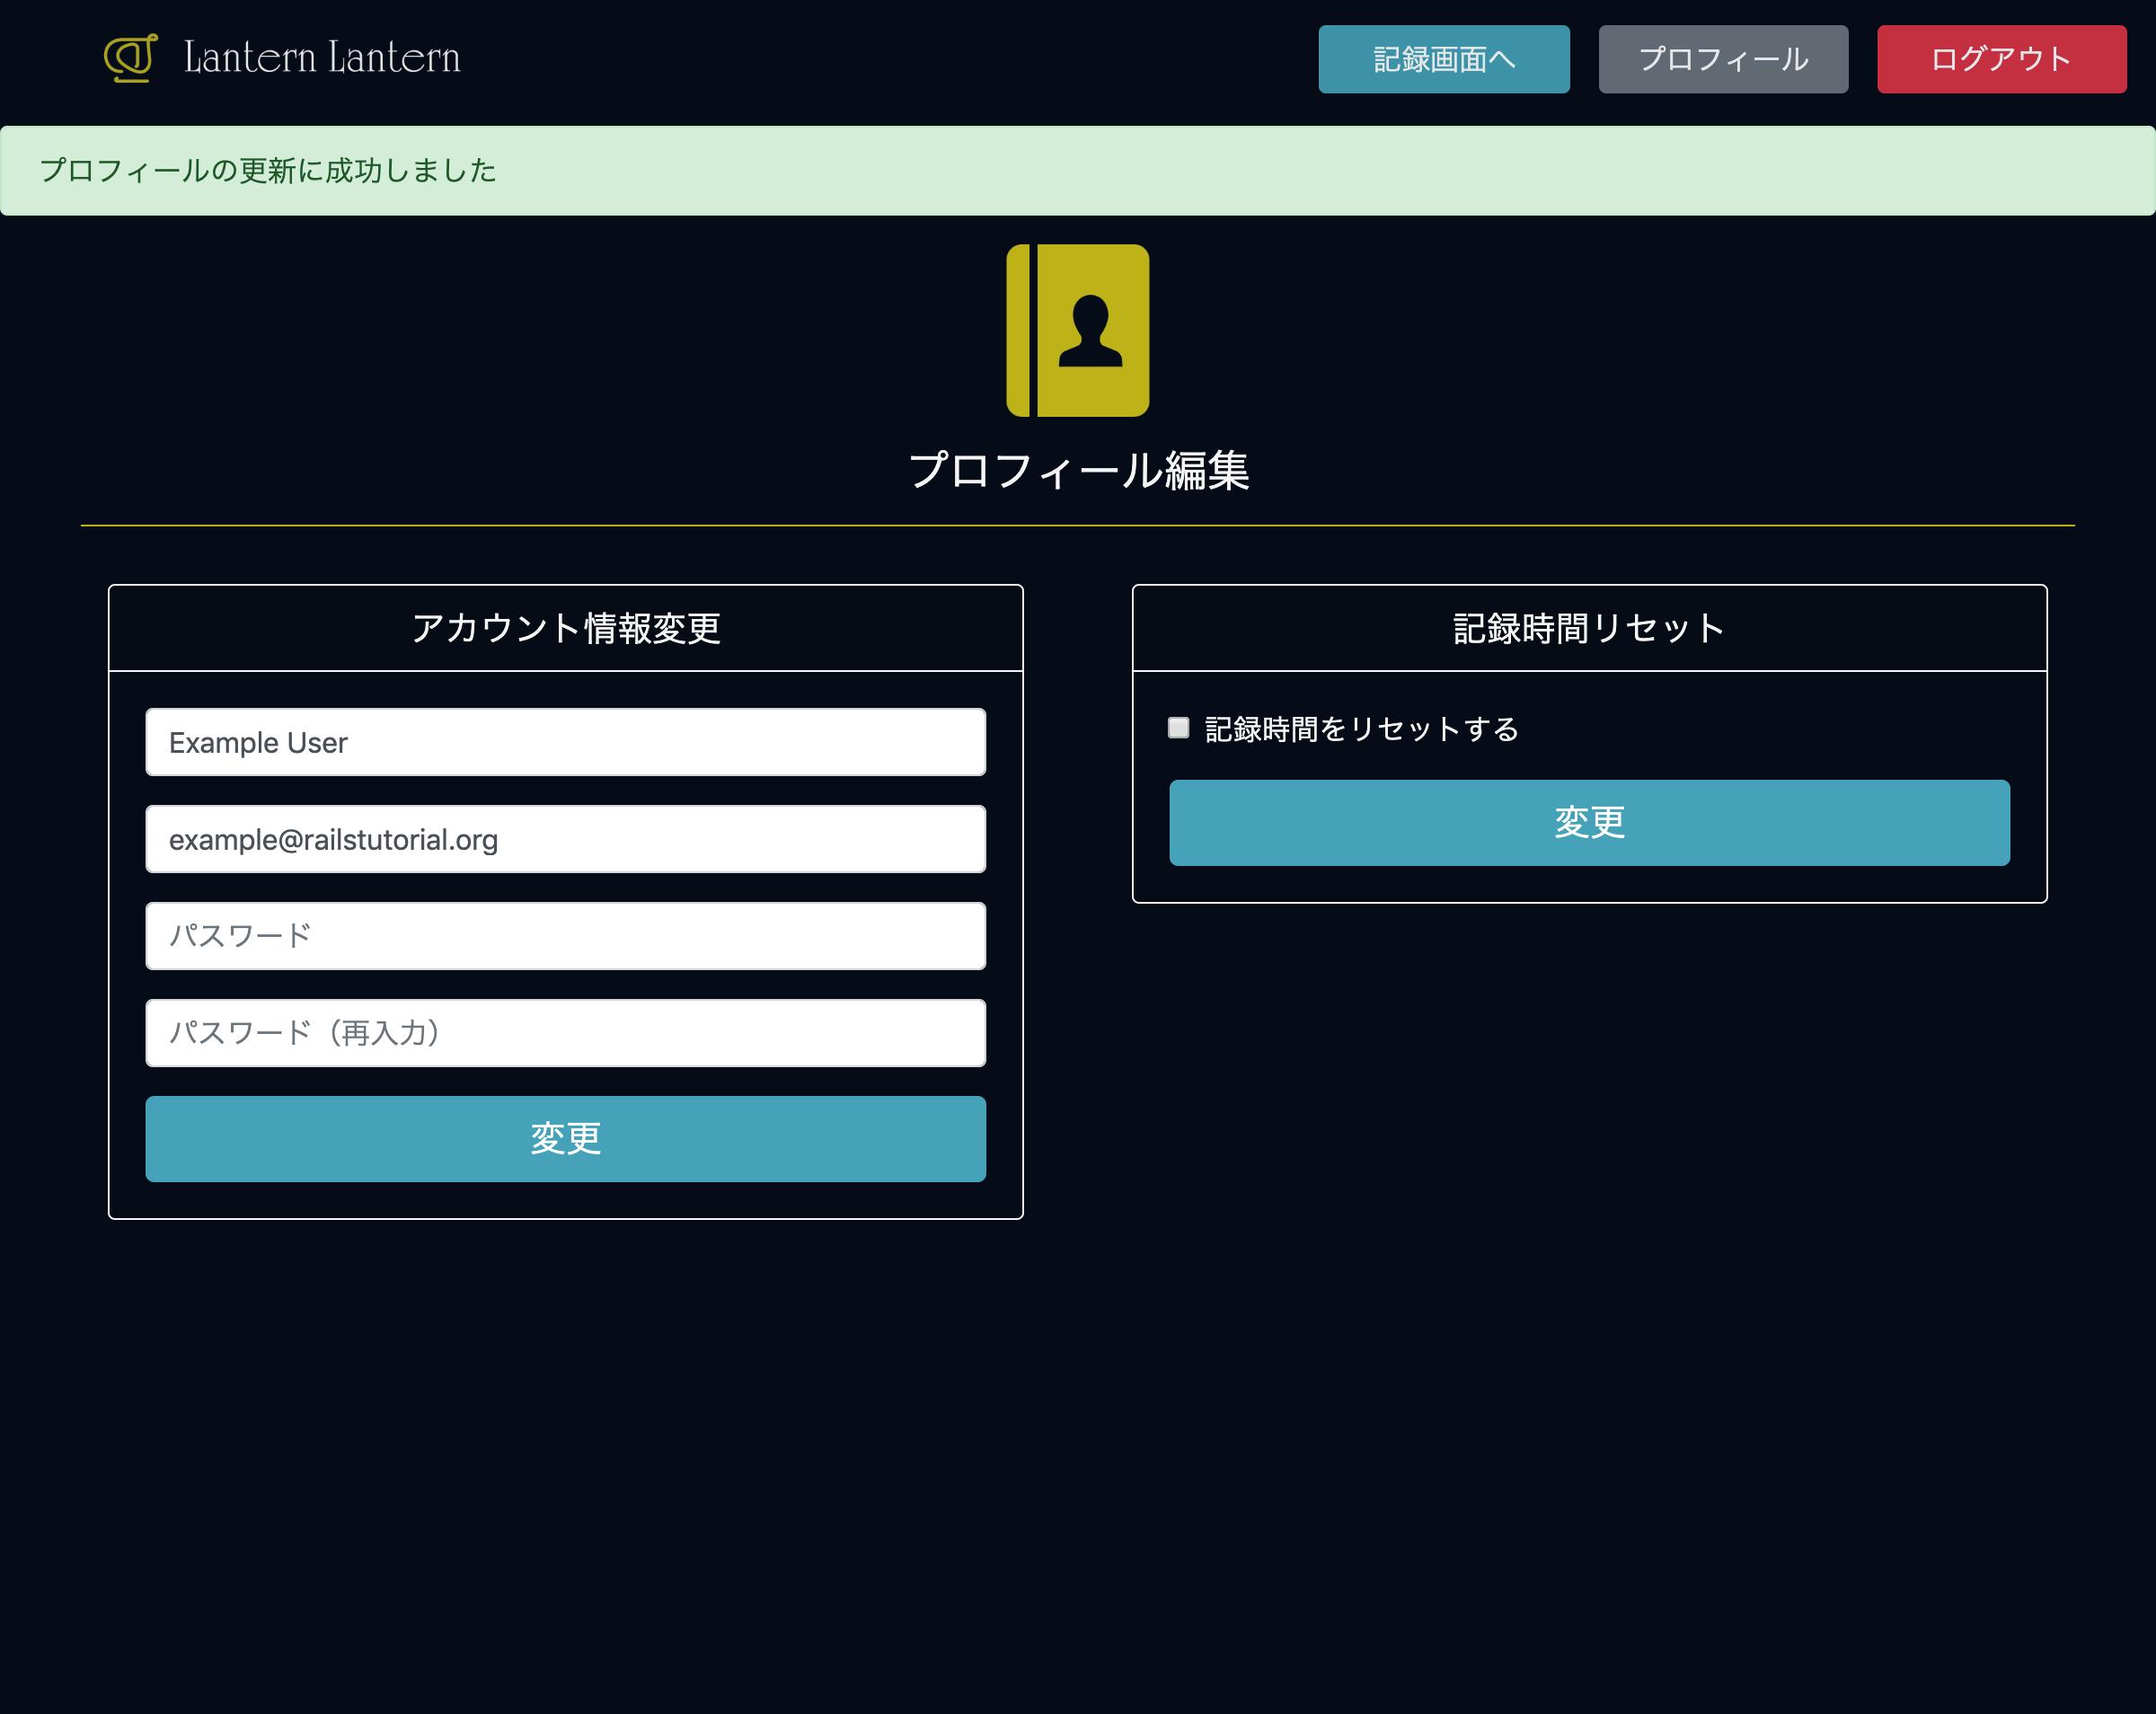 lantern_lantern_edit_success.png